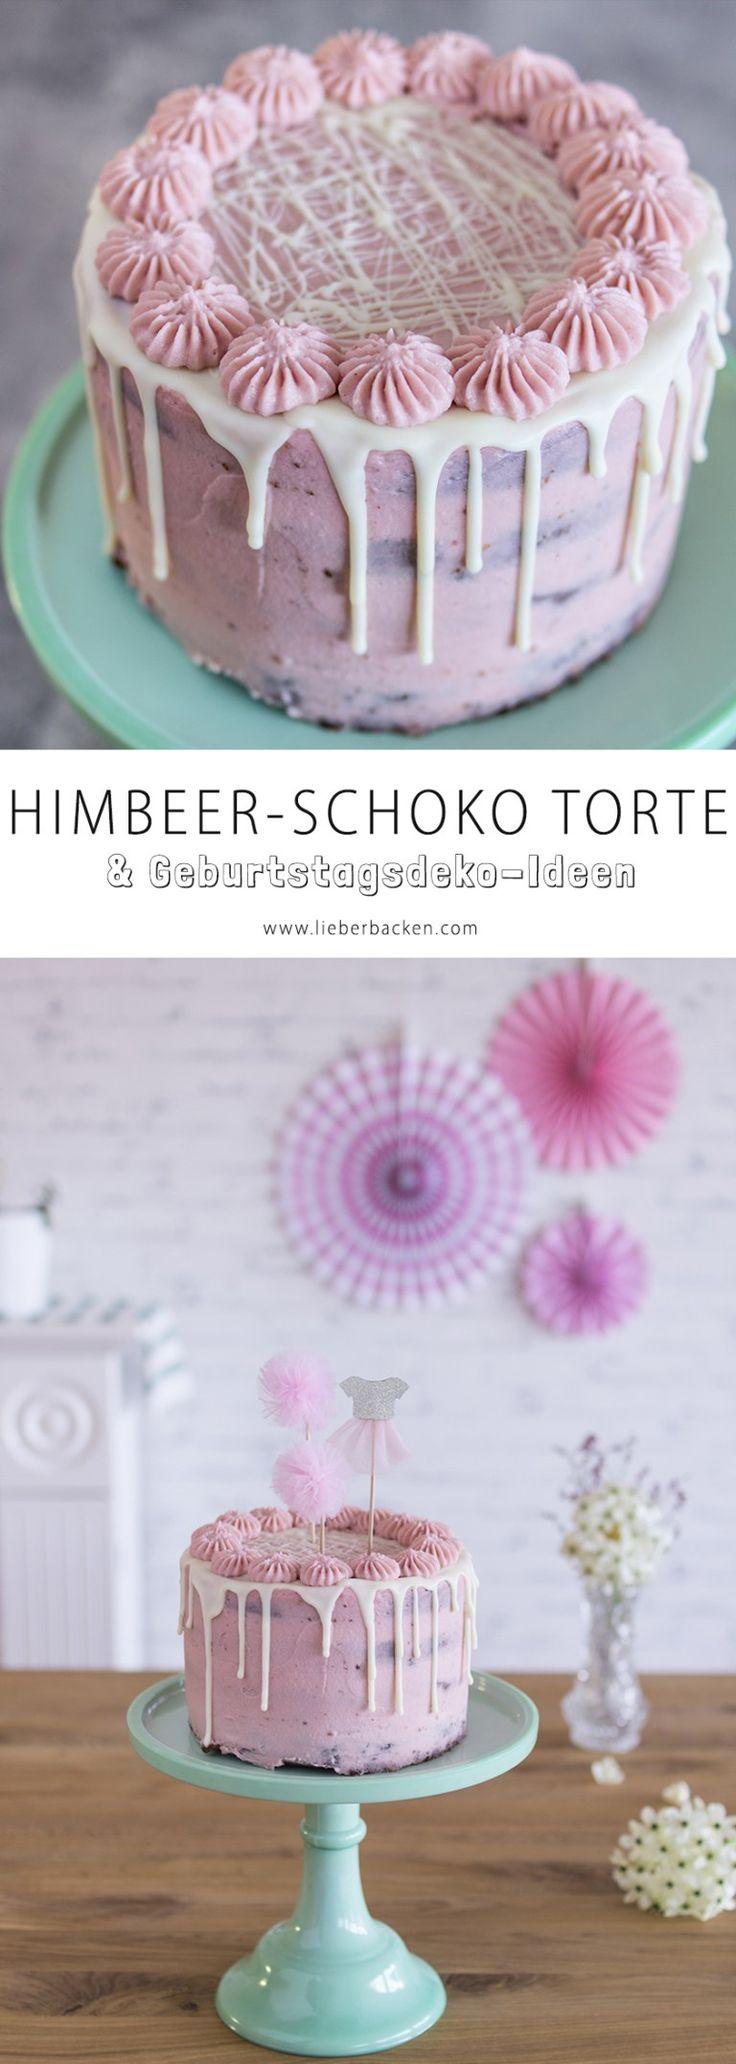 Schoko-Himbeer-Torte – Backen